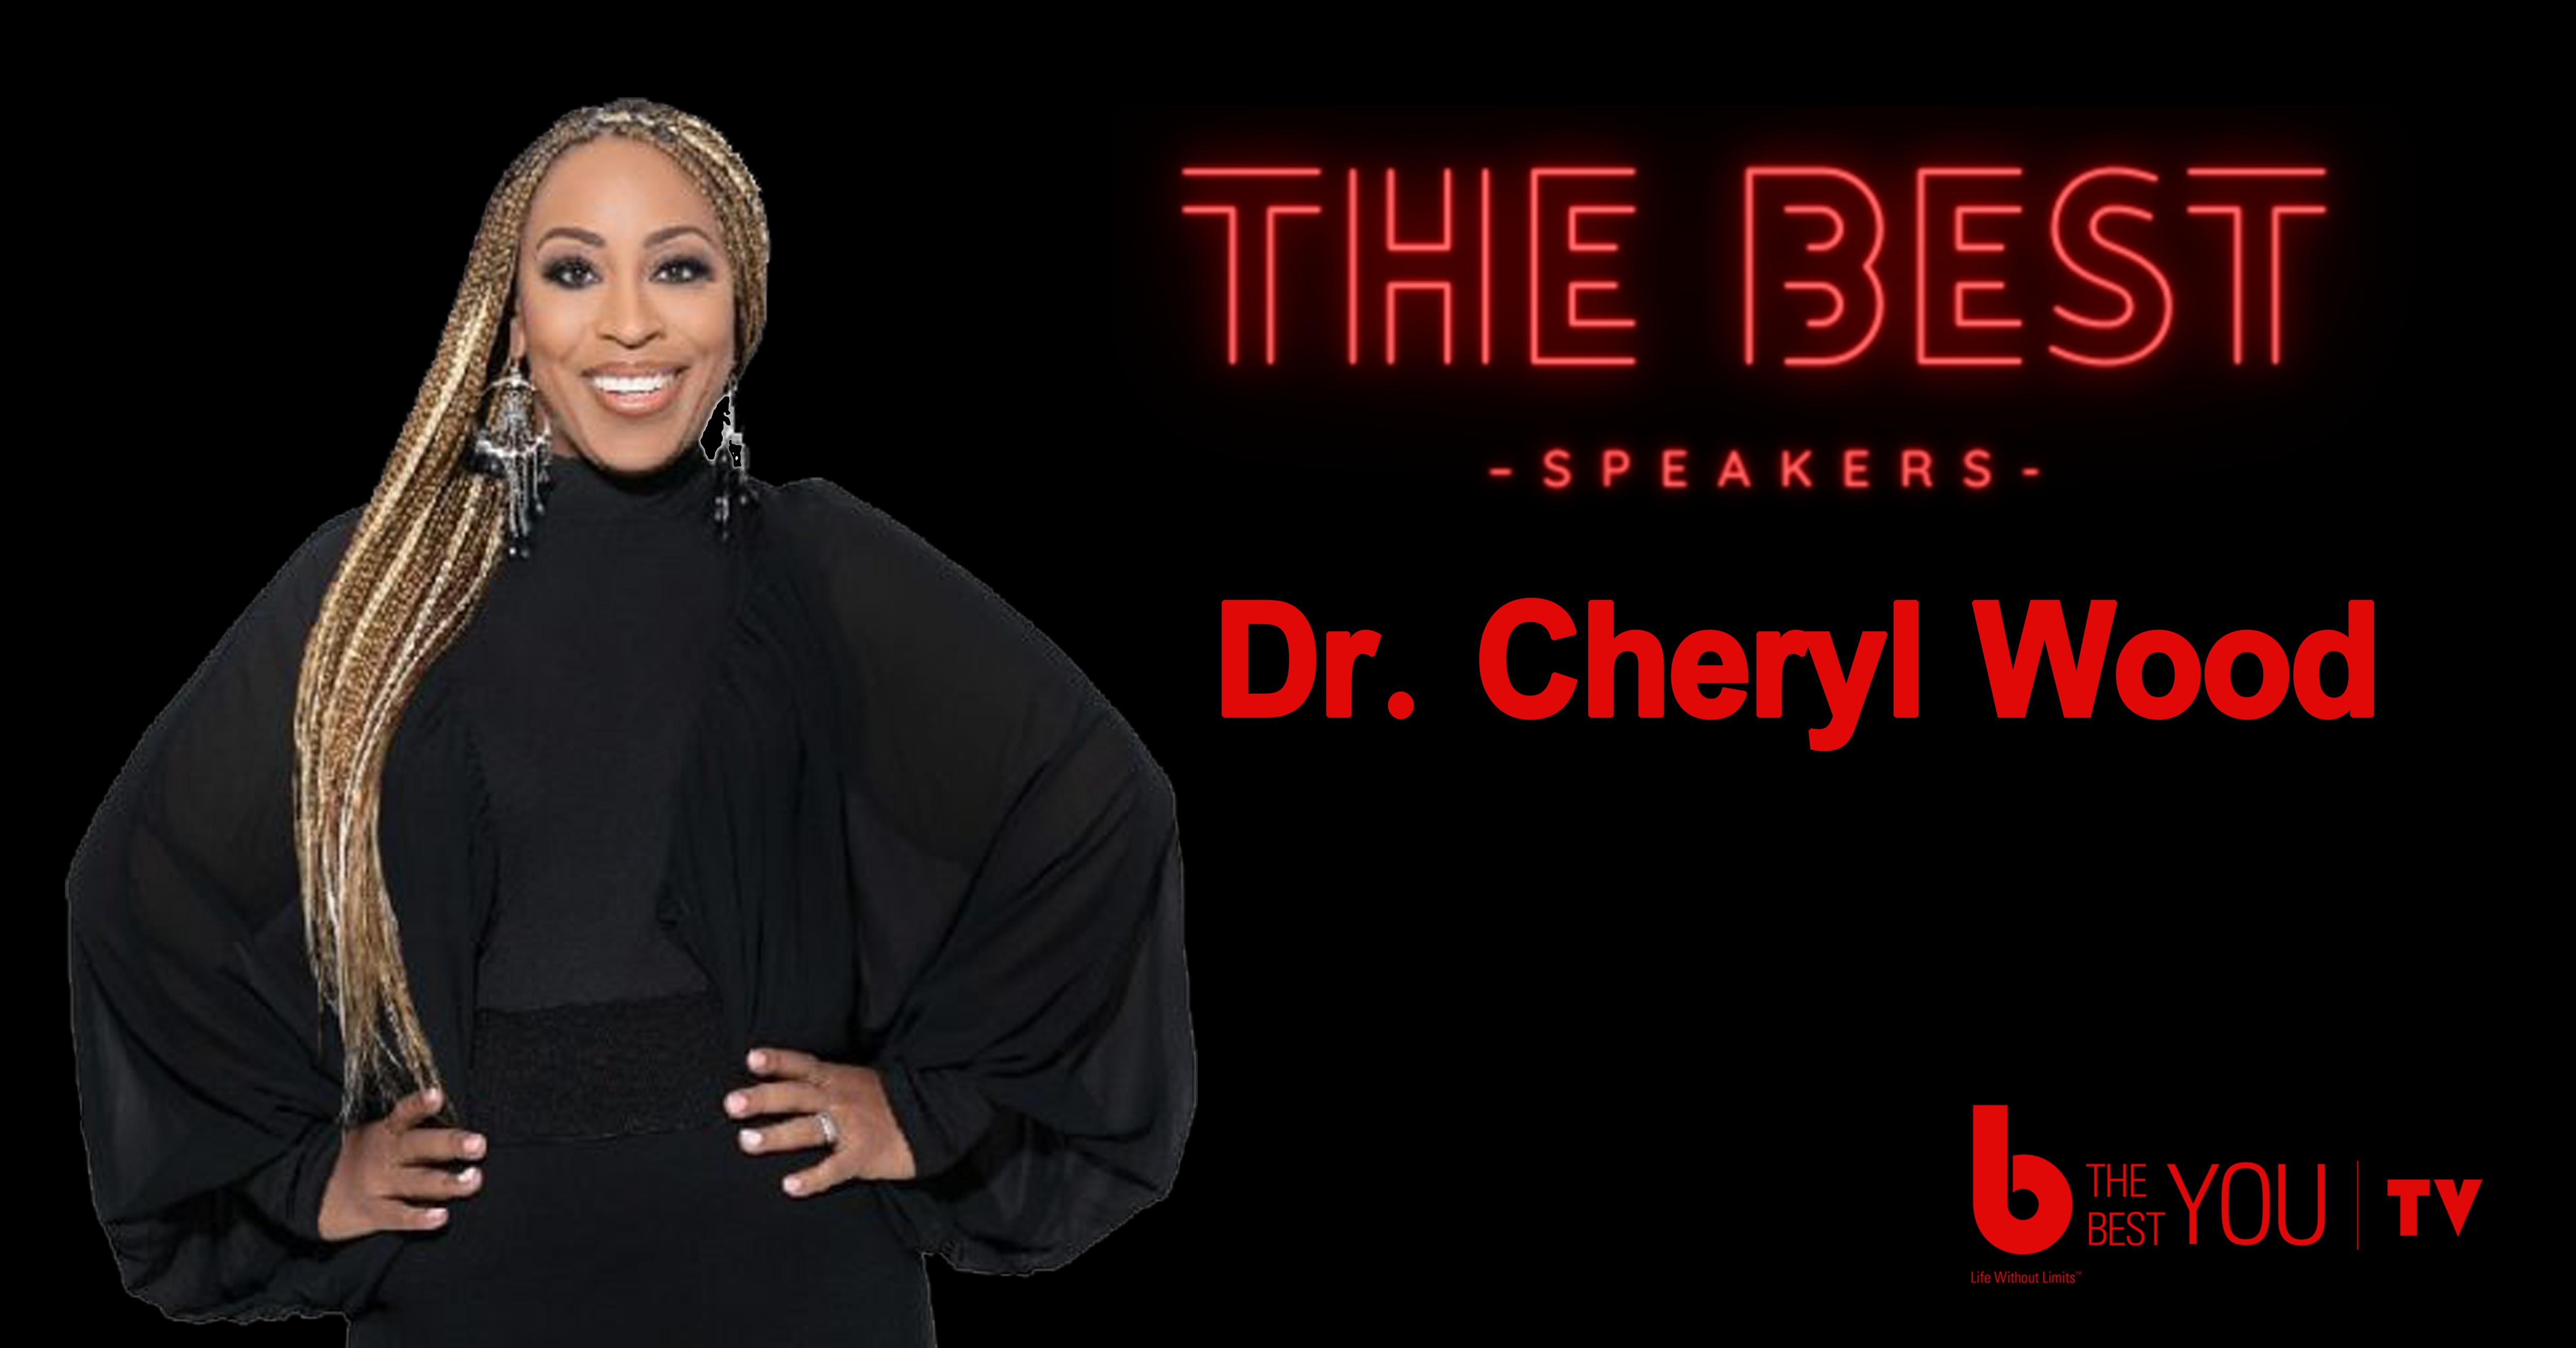 Dr. Cheryl Wood